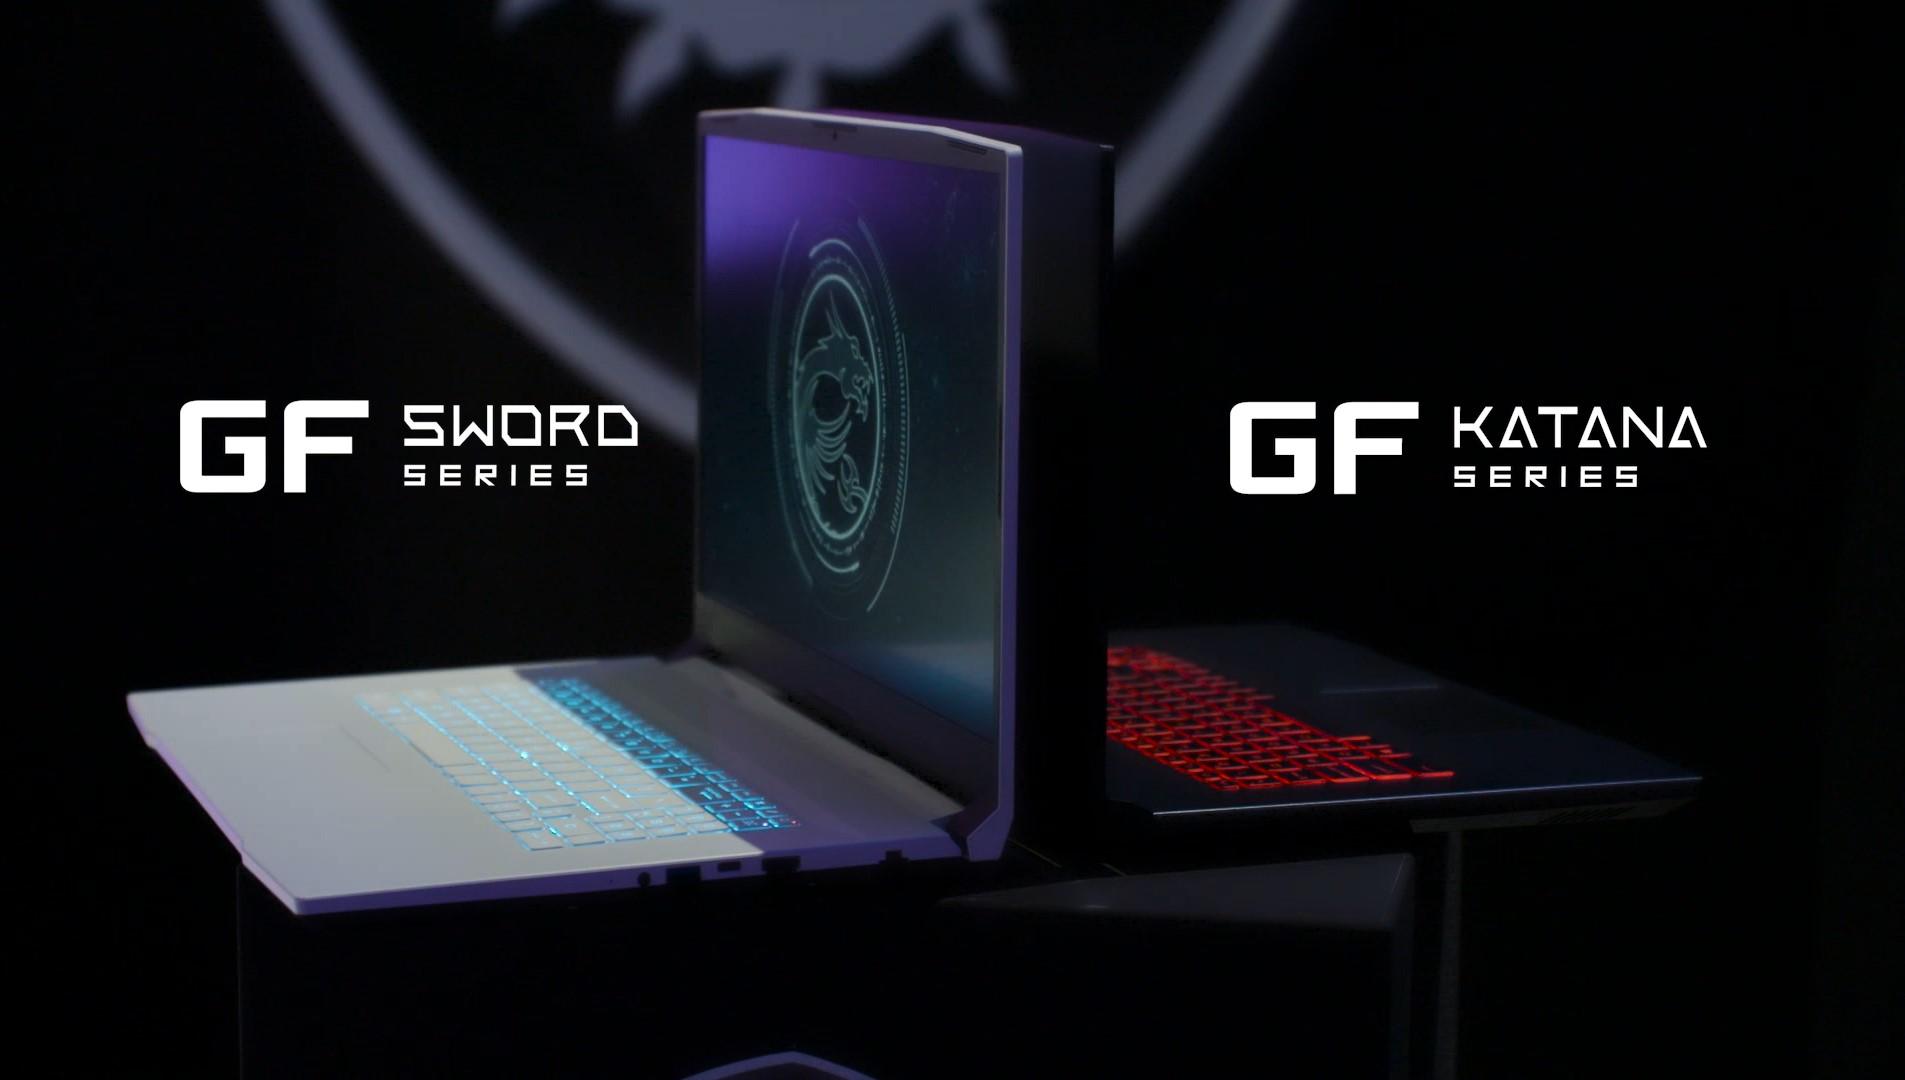 09_gf_series.jpg